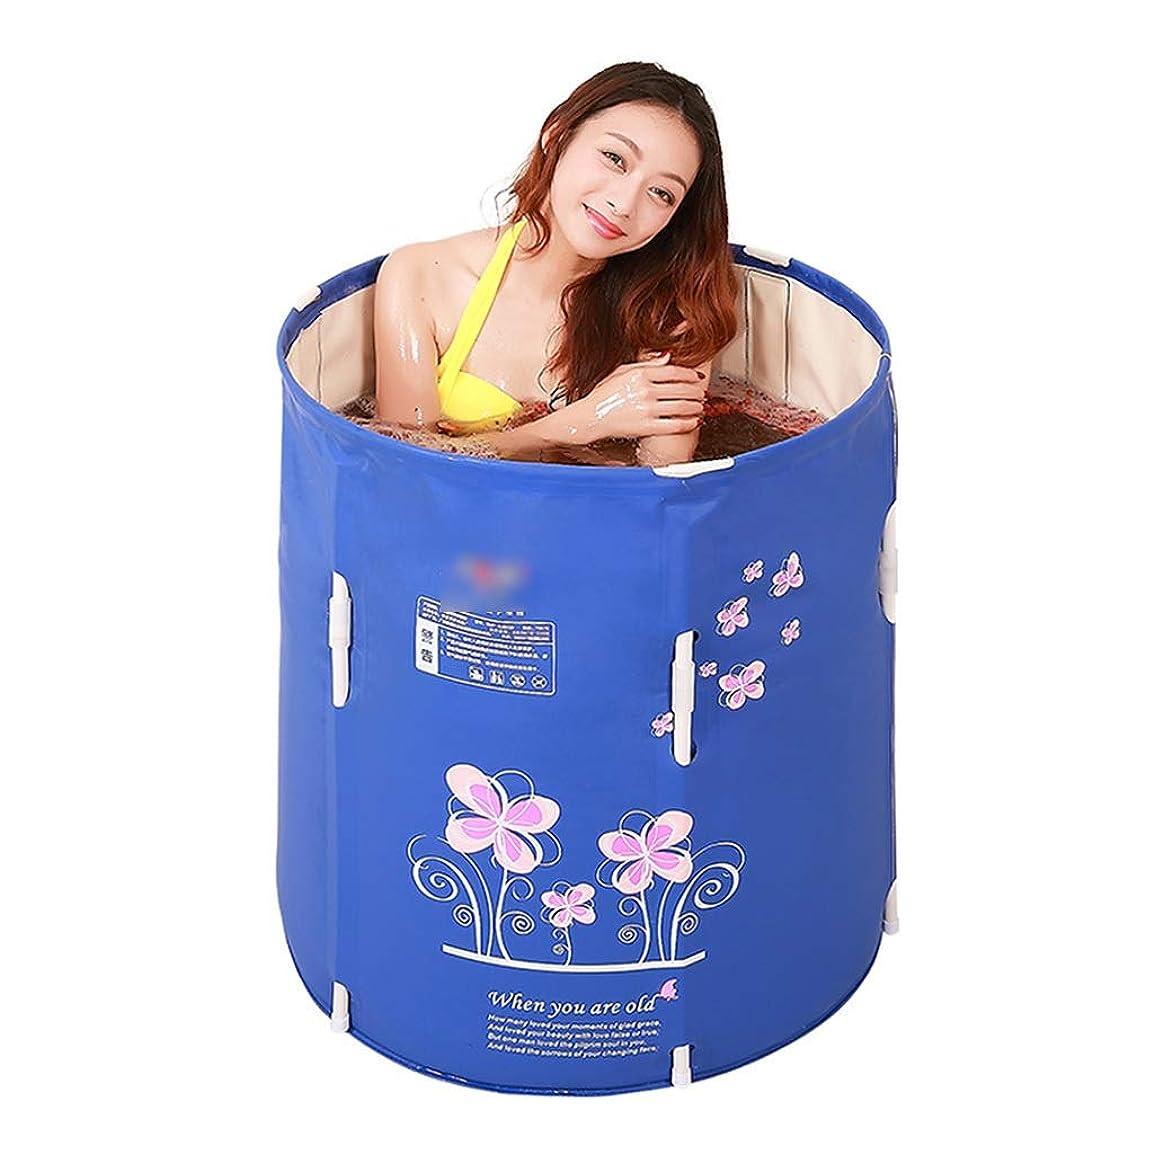 グラフ体系的にトラクター折りたたみ式浴槽厚手のプラスチック製浴槽インフレータブル浴槽浴槽は家族全員のためにキルトにした上げ下げすることができます (Color : BLUE, Size : 70*70CM)